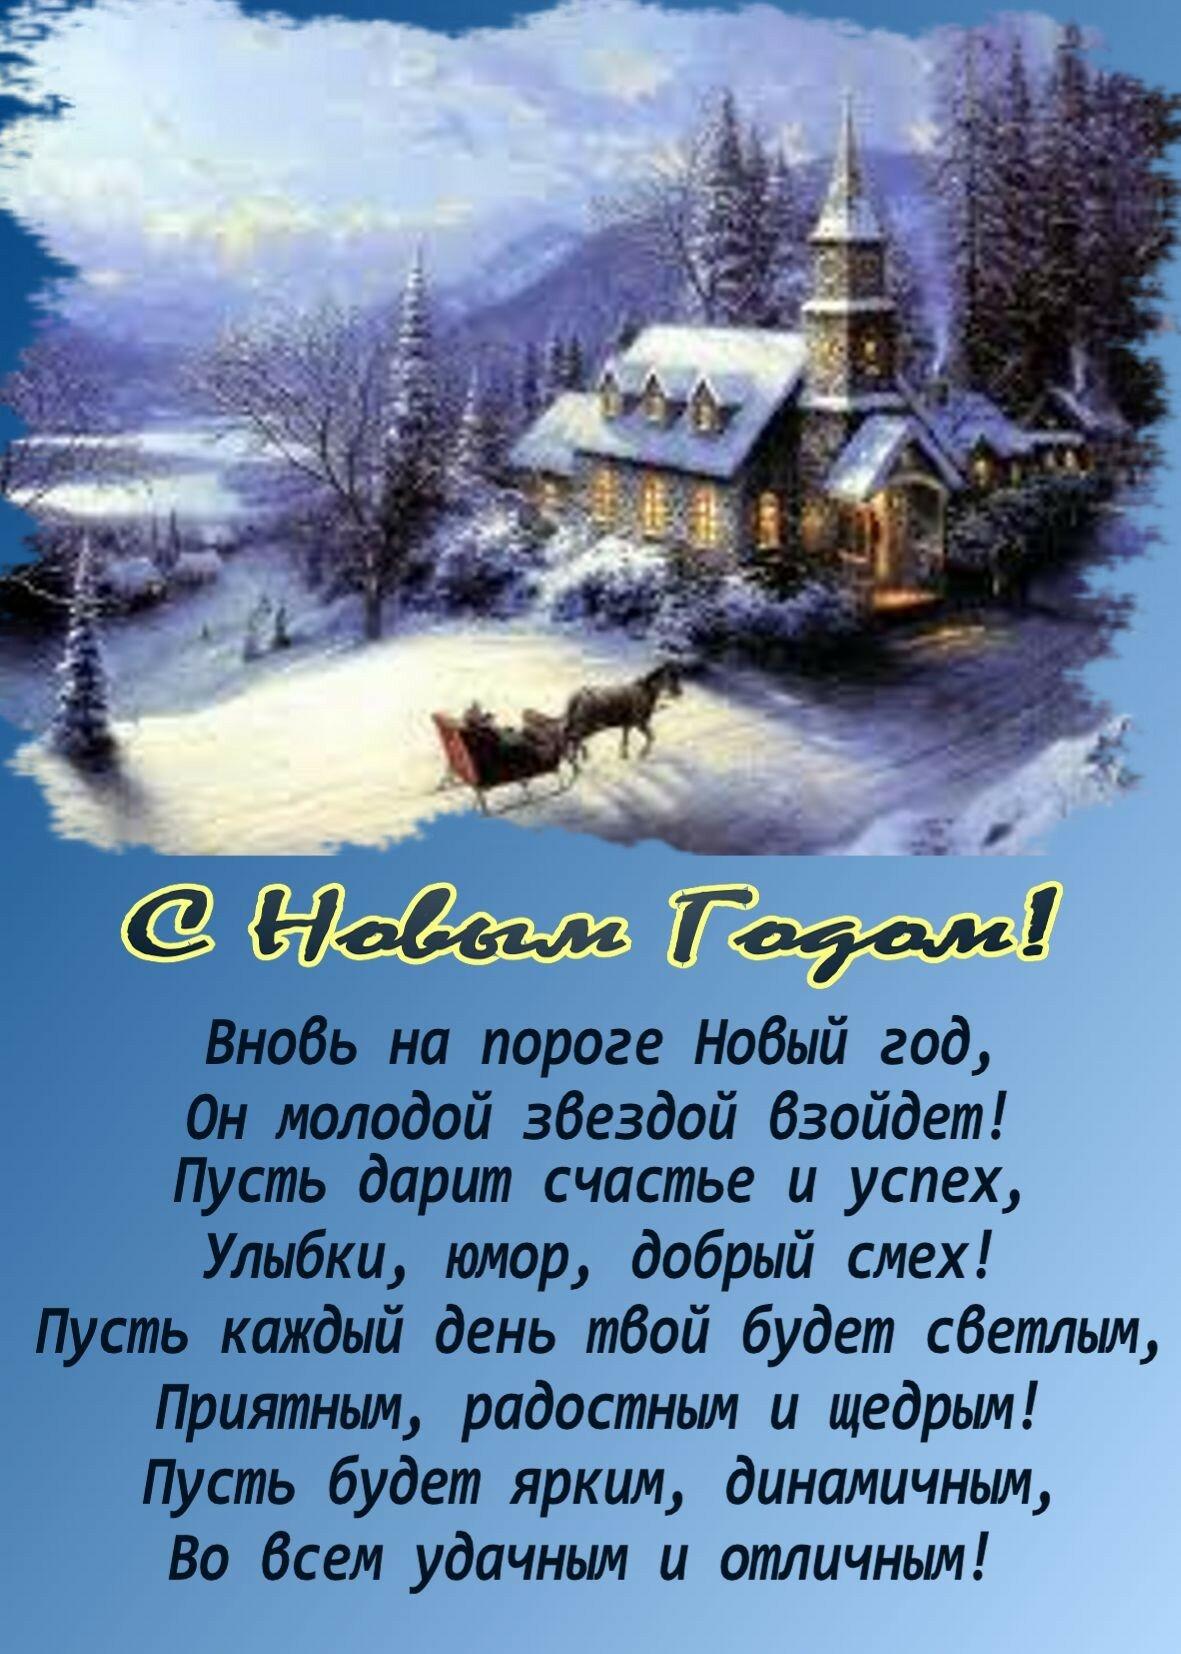 Поздравления к новому году в стихах картинки, надписями